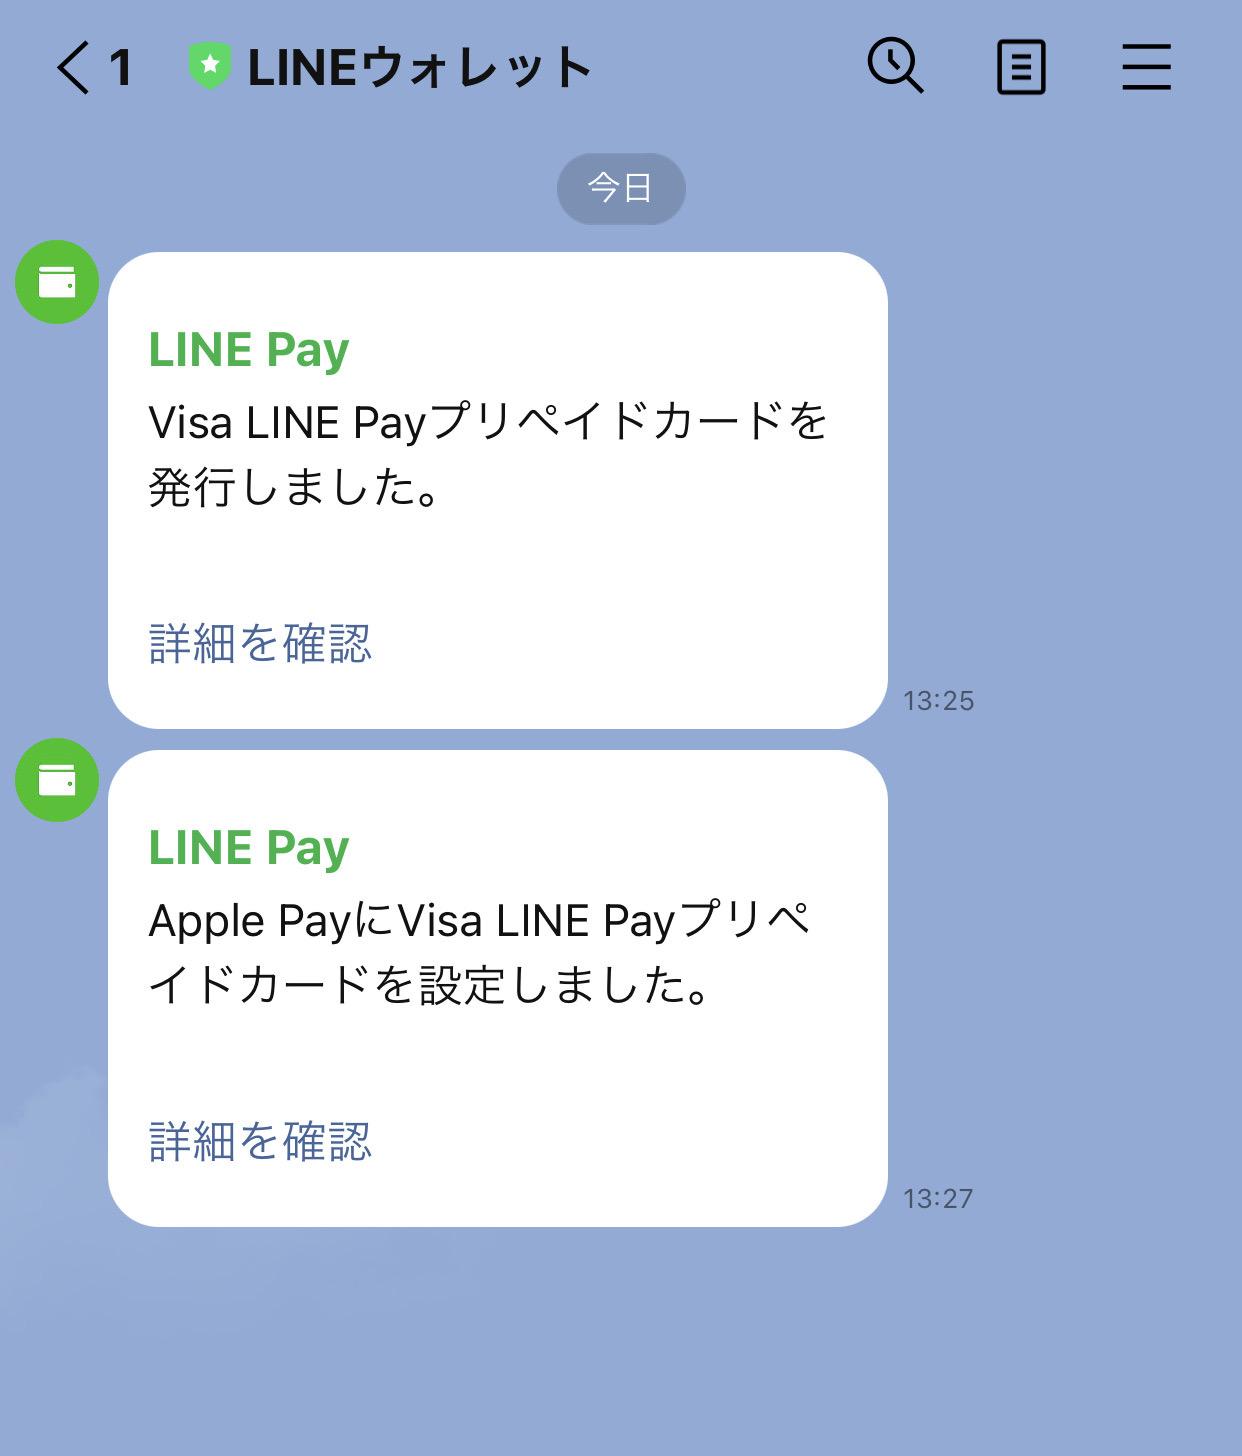 【LINE Pay】プリペイドカード発行でApple PayによるiDタッチ決済が可能に 10